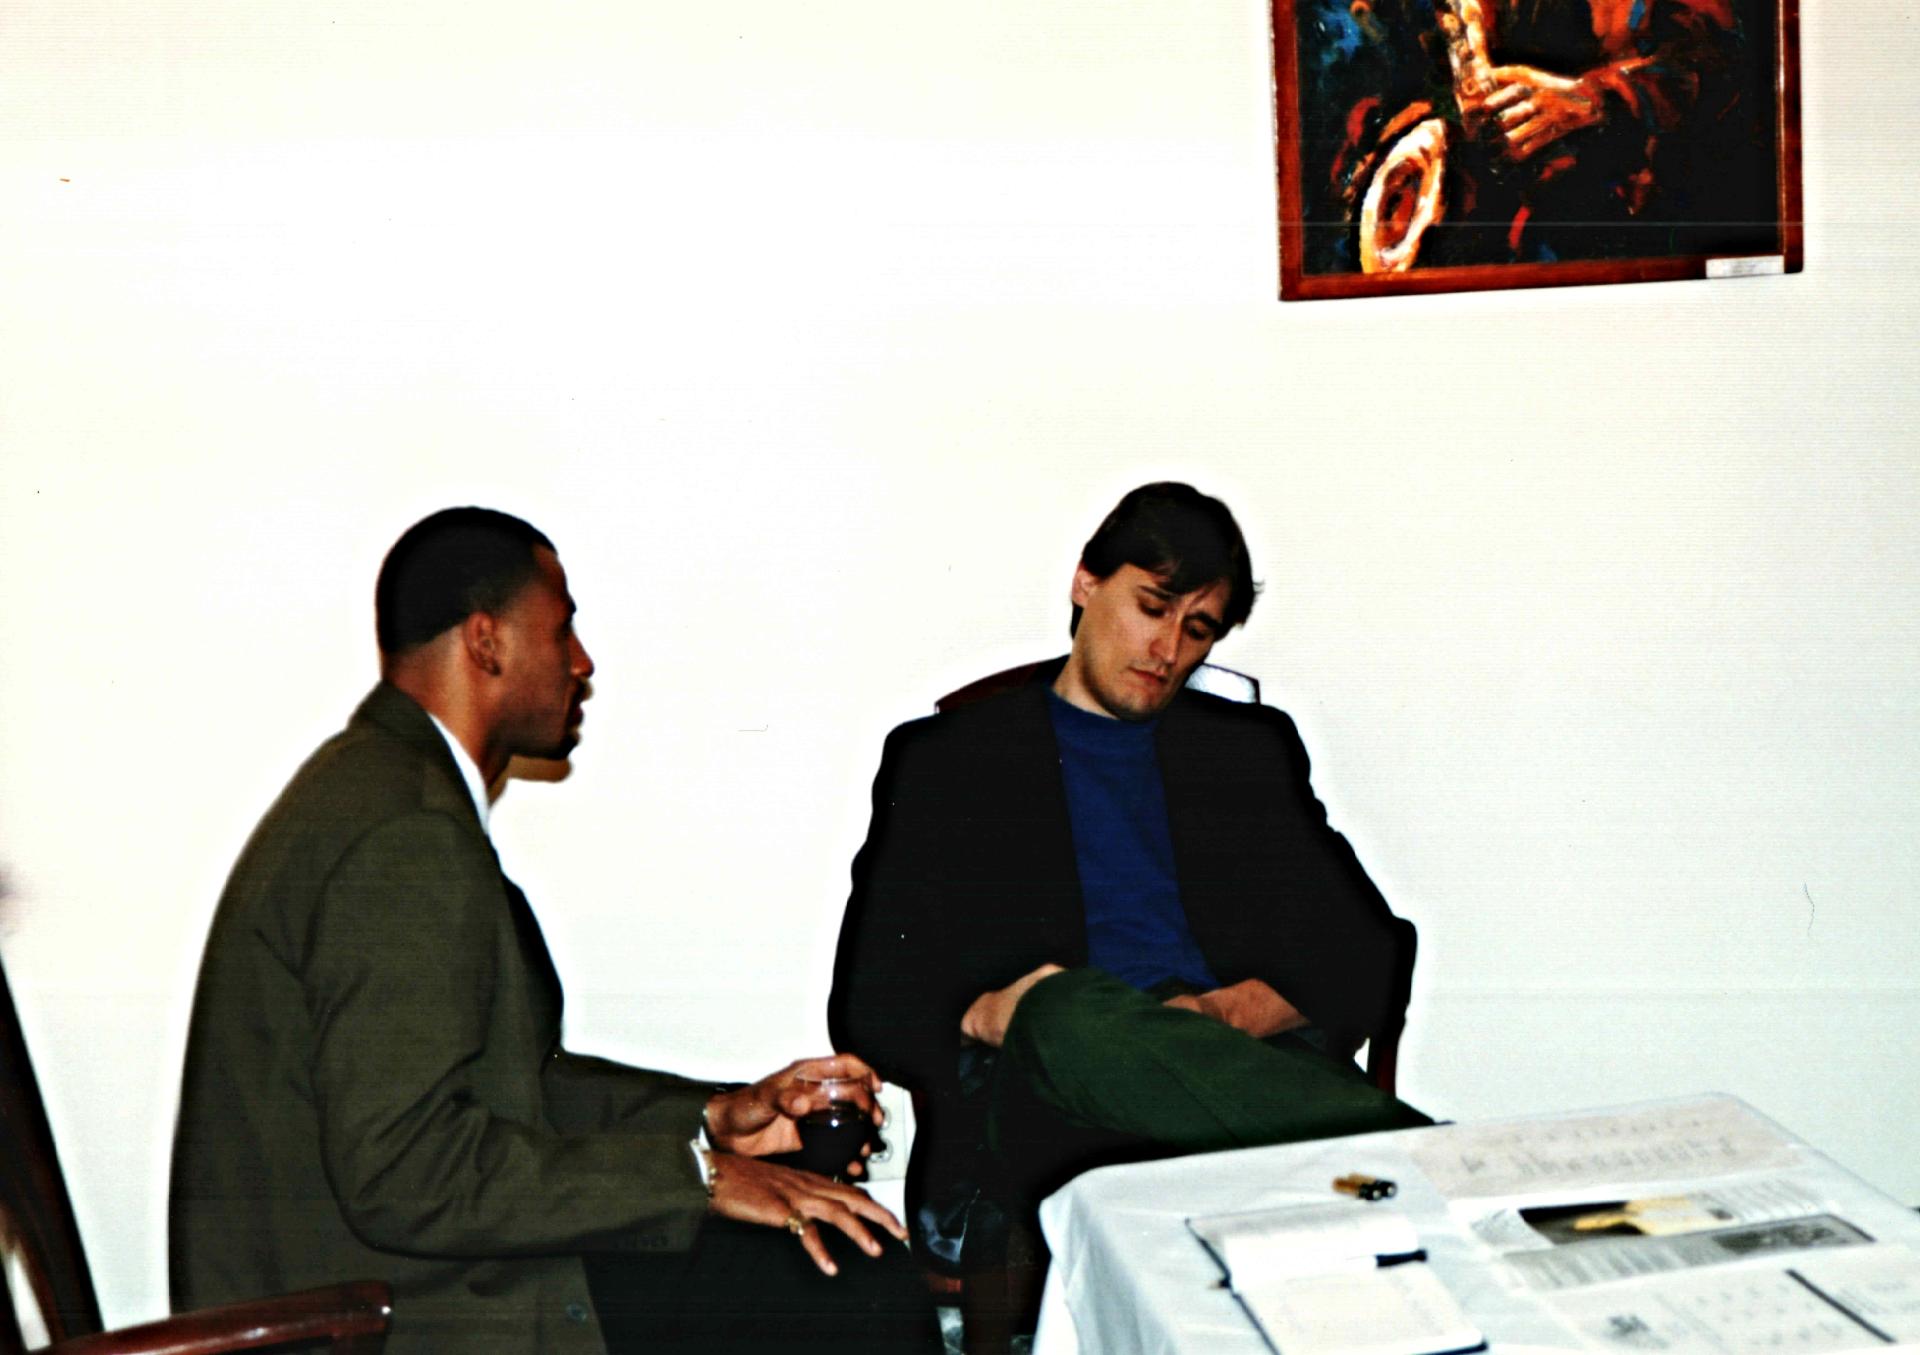 Being interviewed by Northwest Magaz